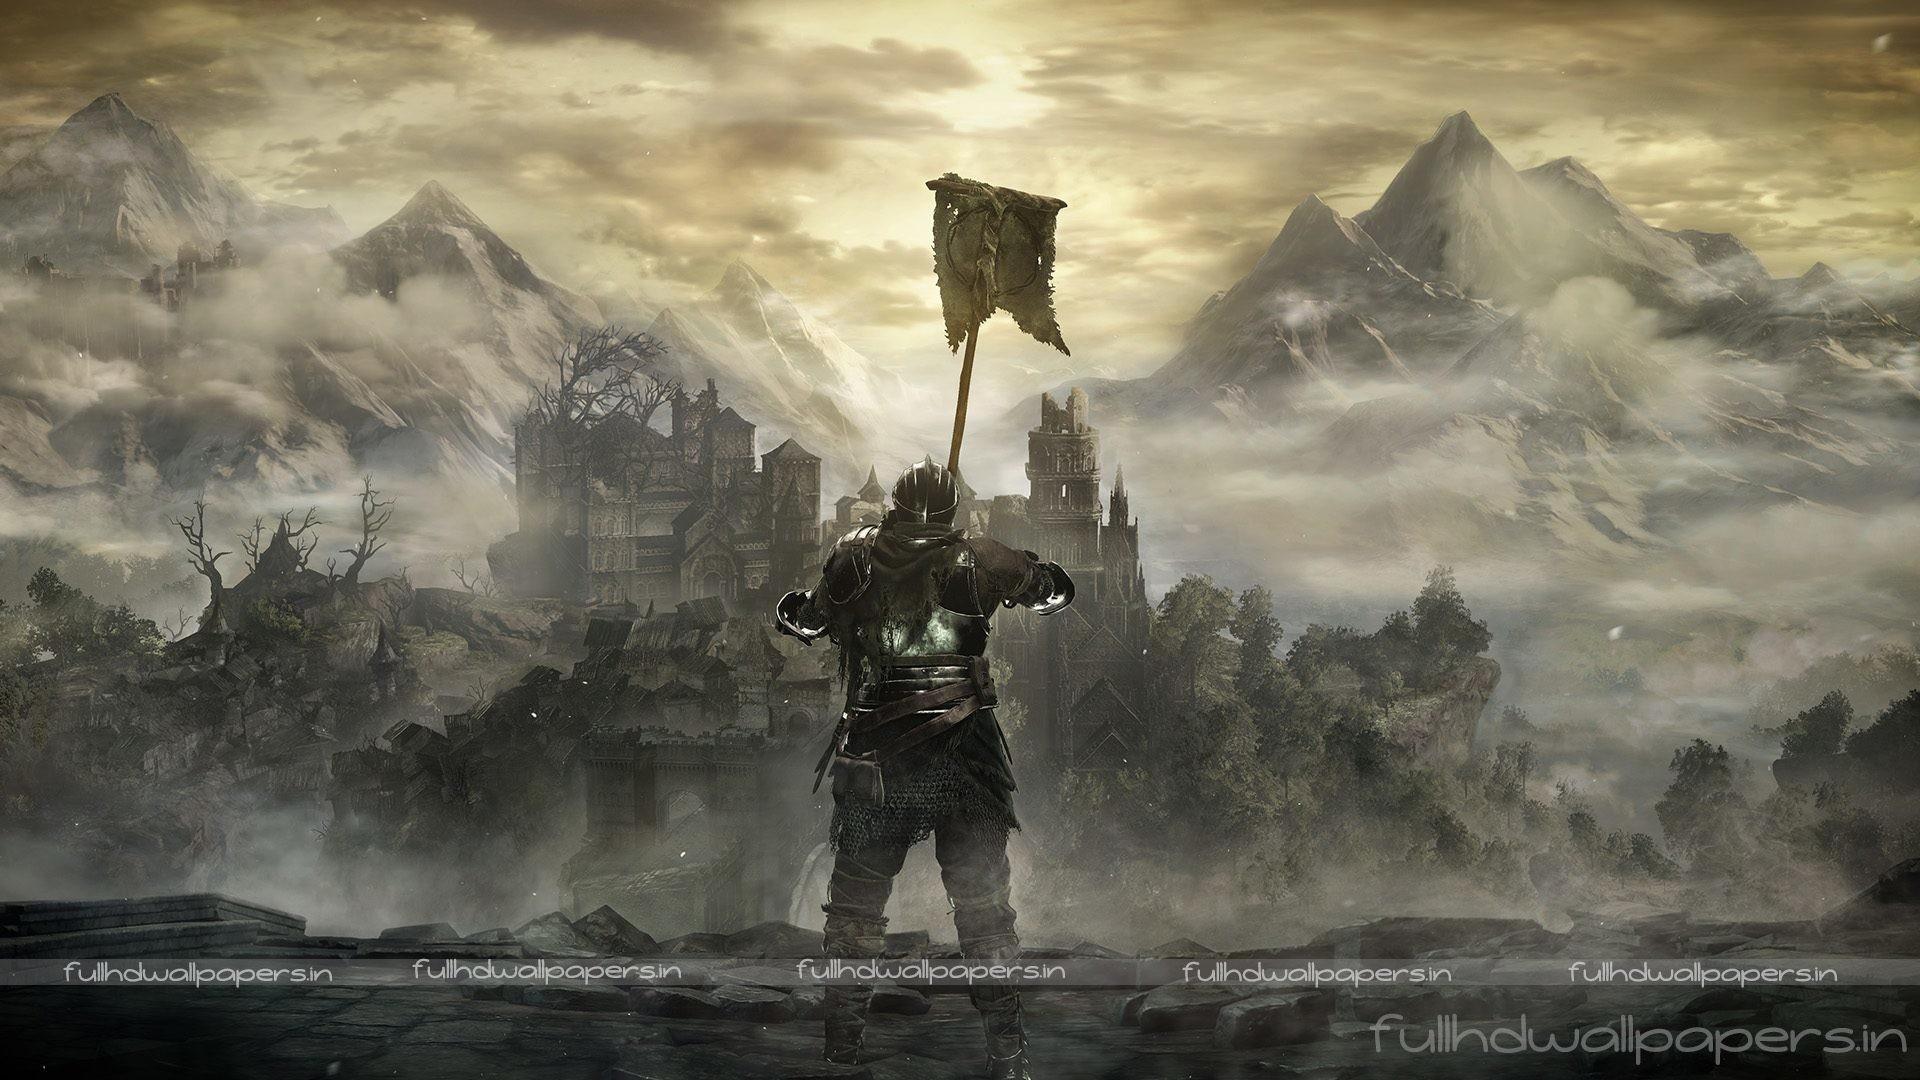 Dark Souls 3 – Full HD Wallpapers